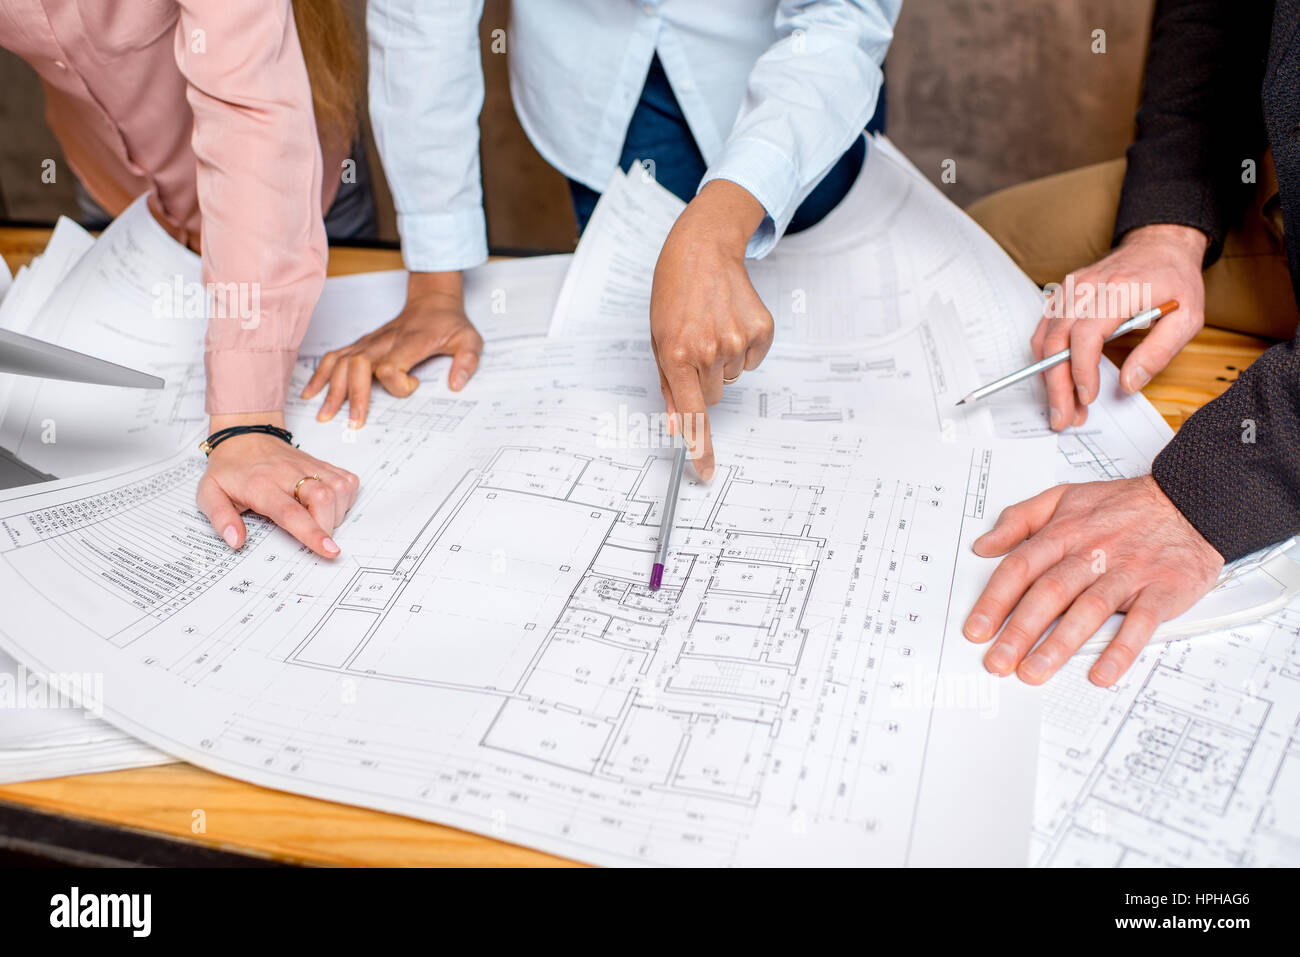 Travailler sur les dessins architecturaux Photo Stock